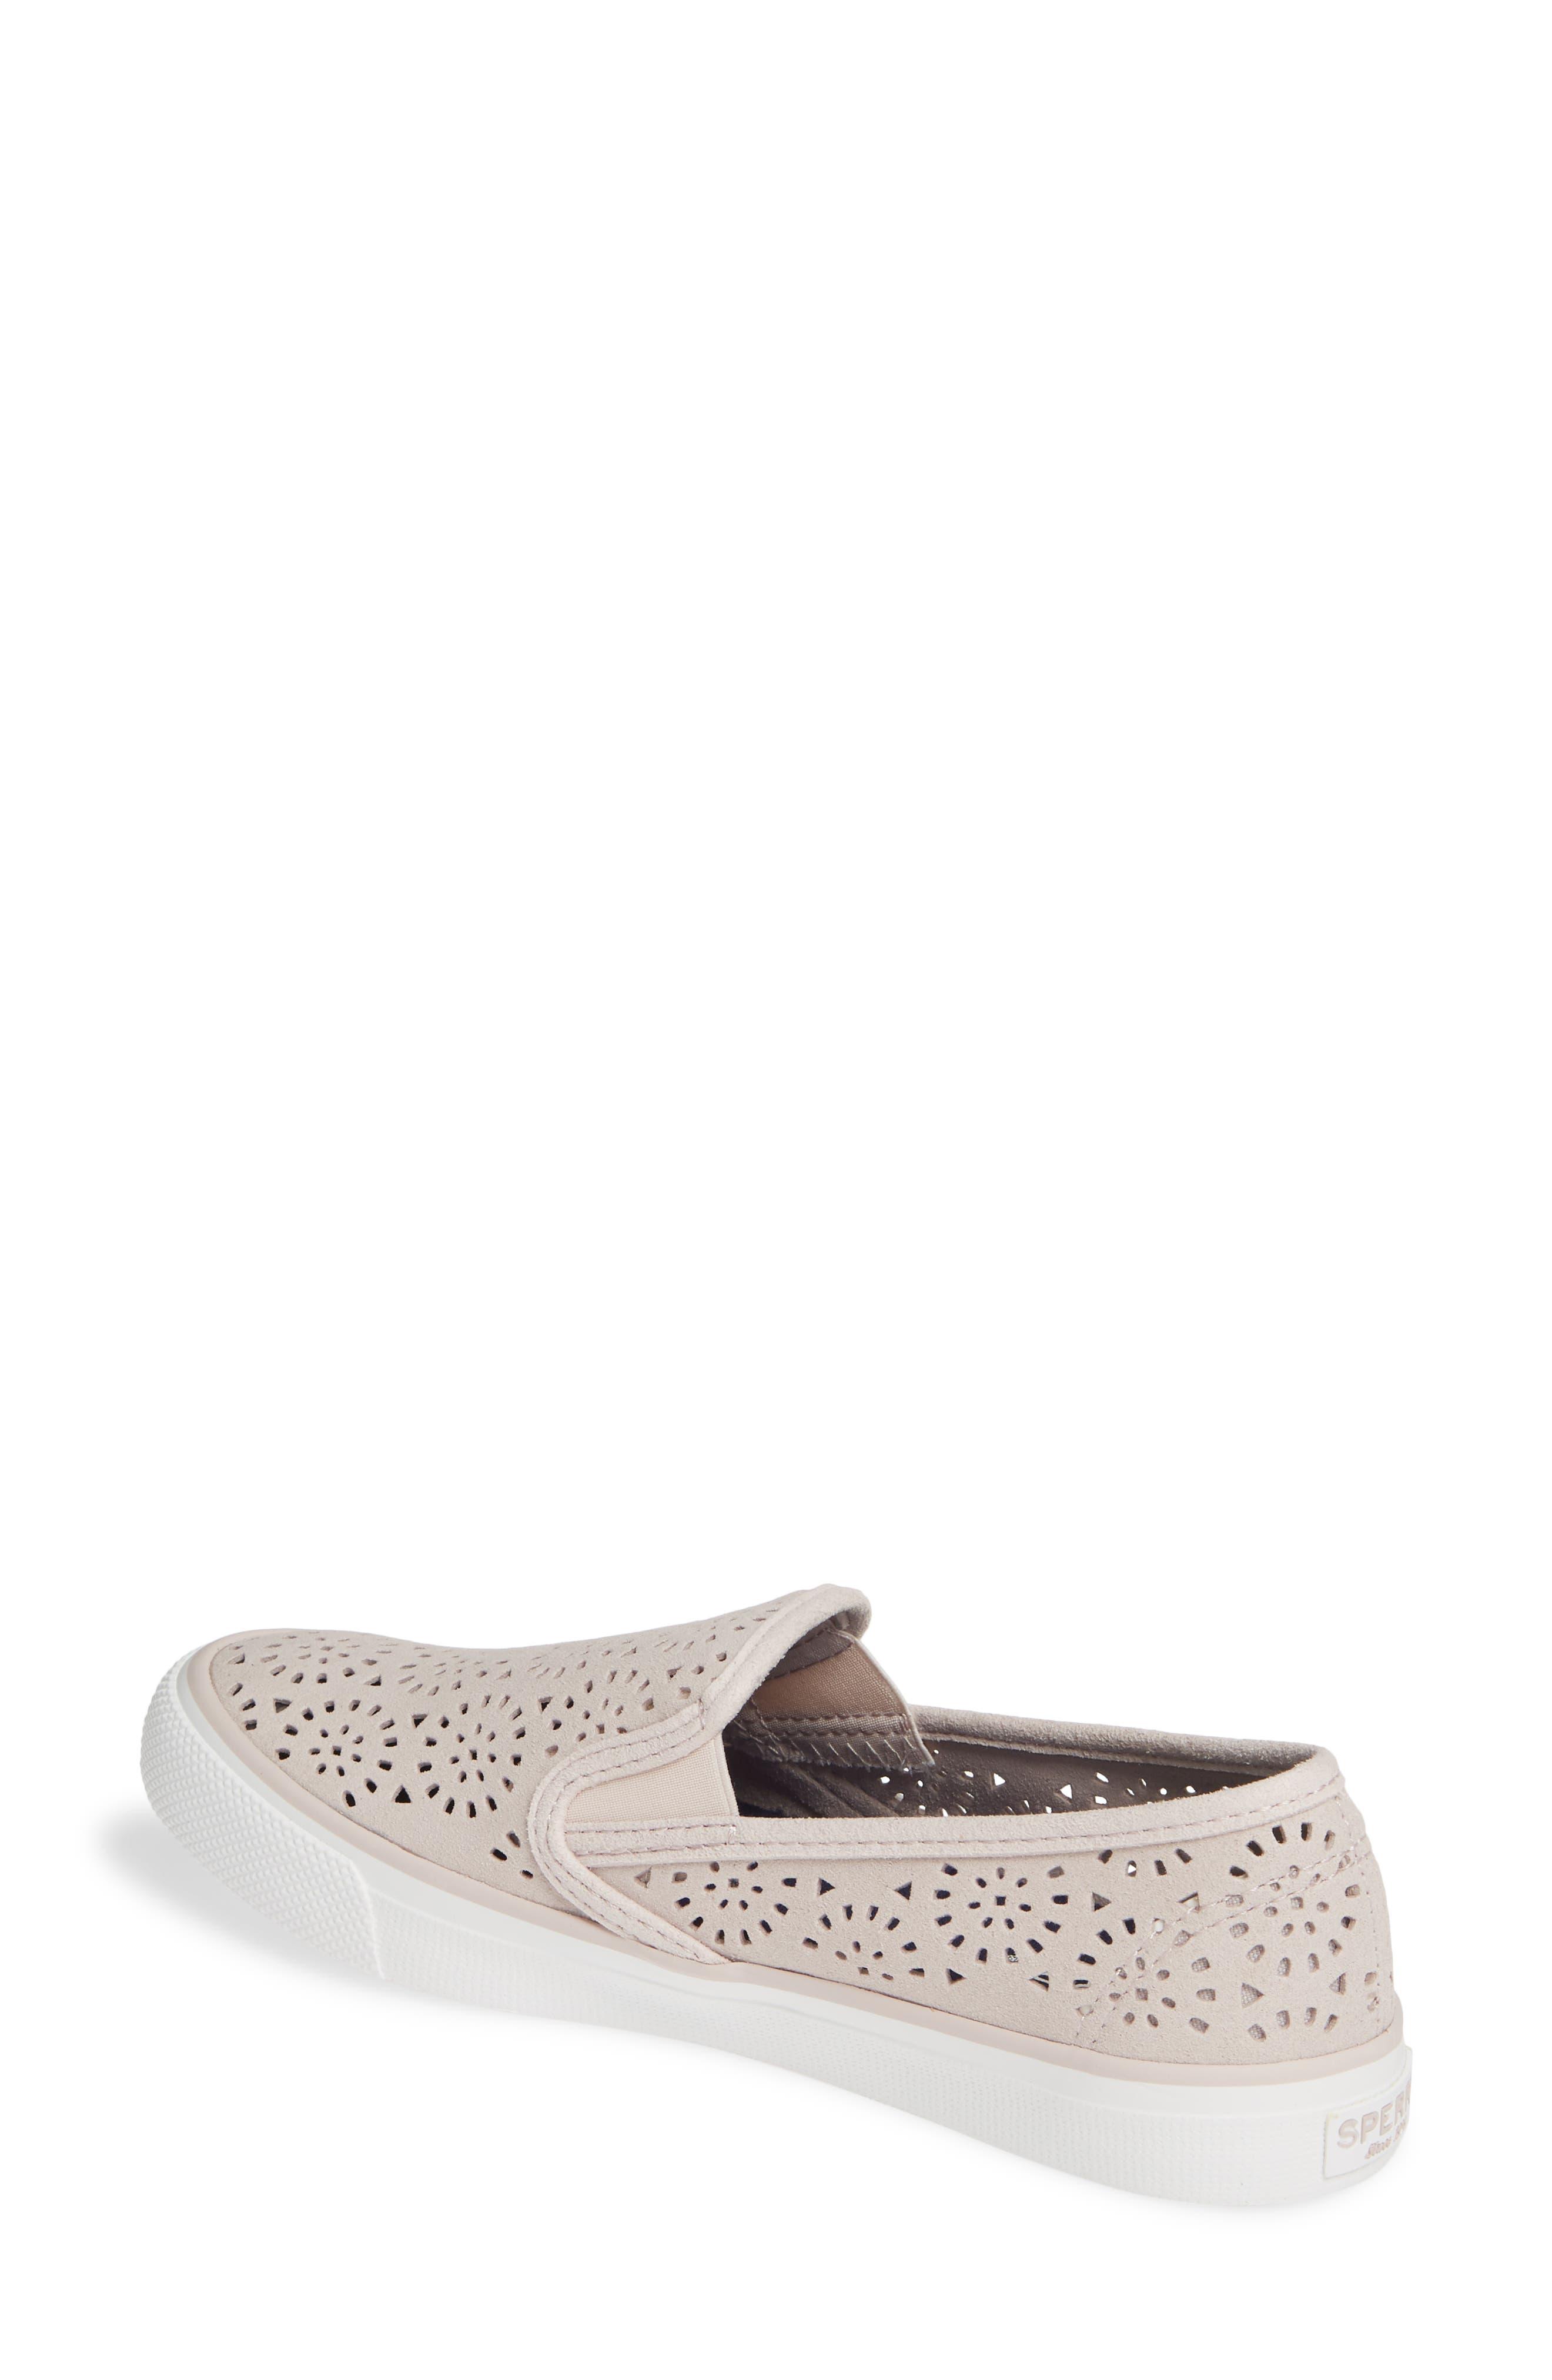 47d049d197d Women s Shoes Sale